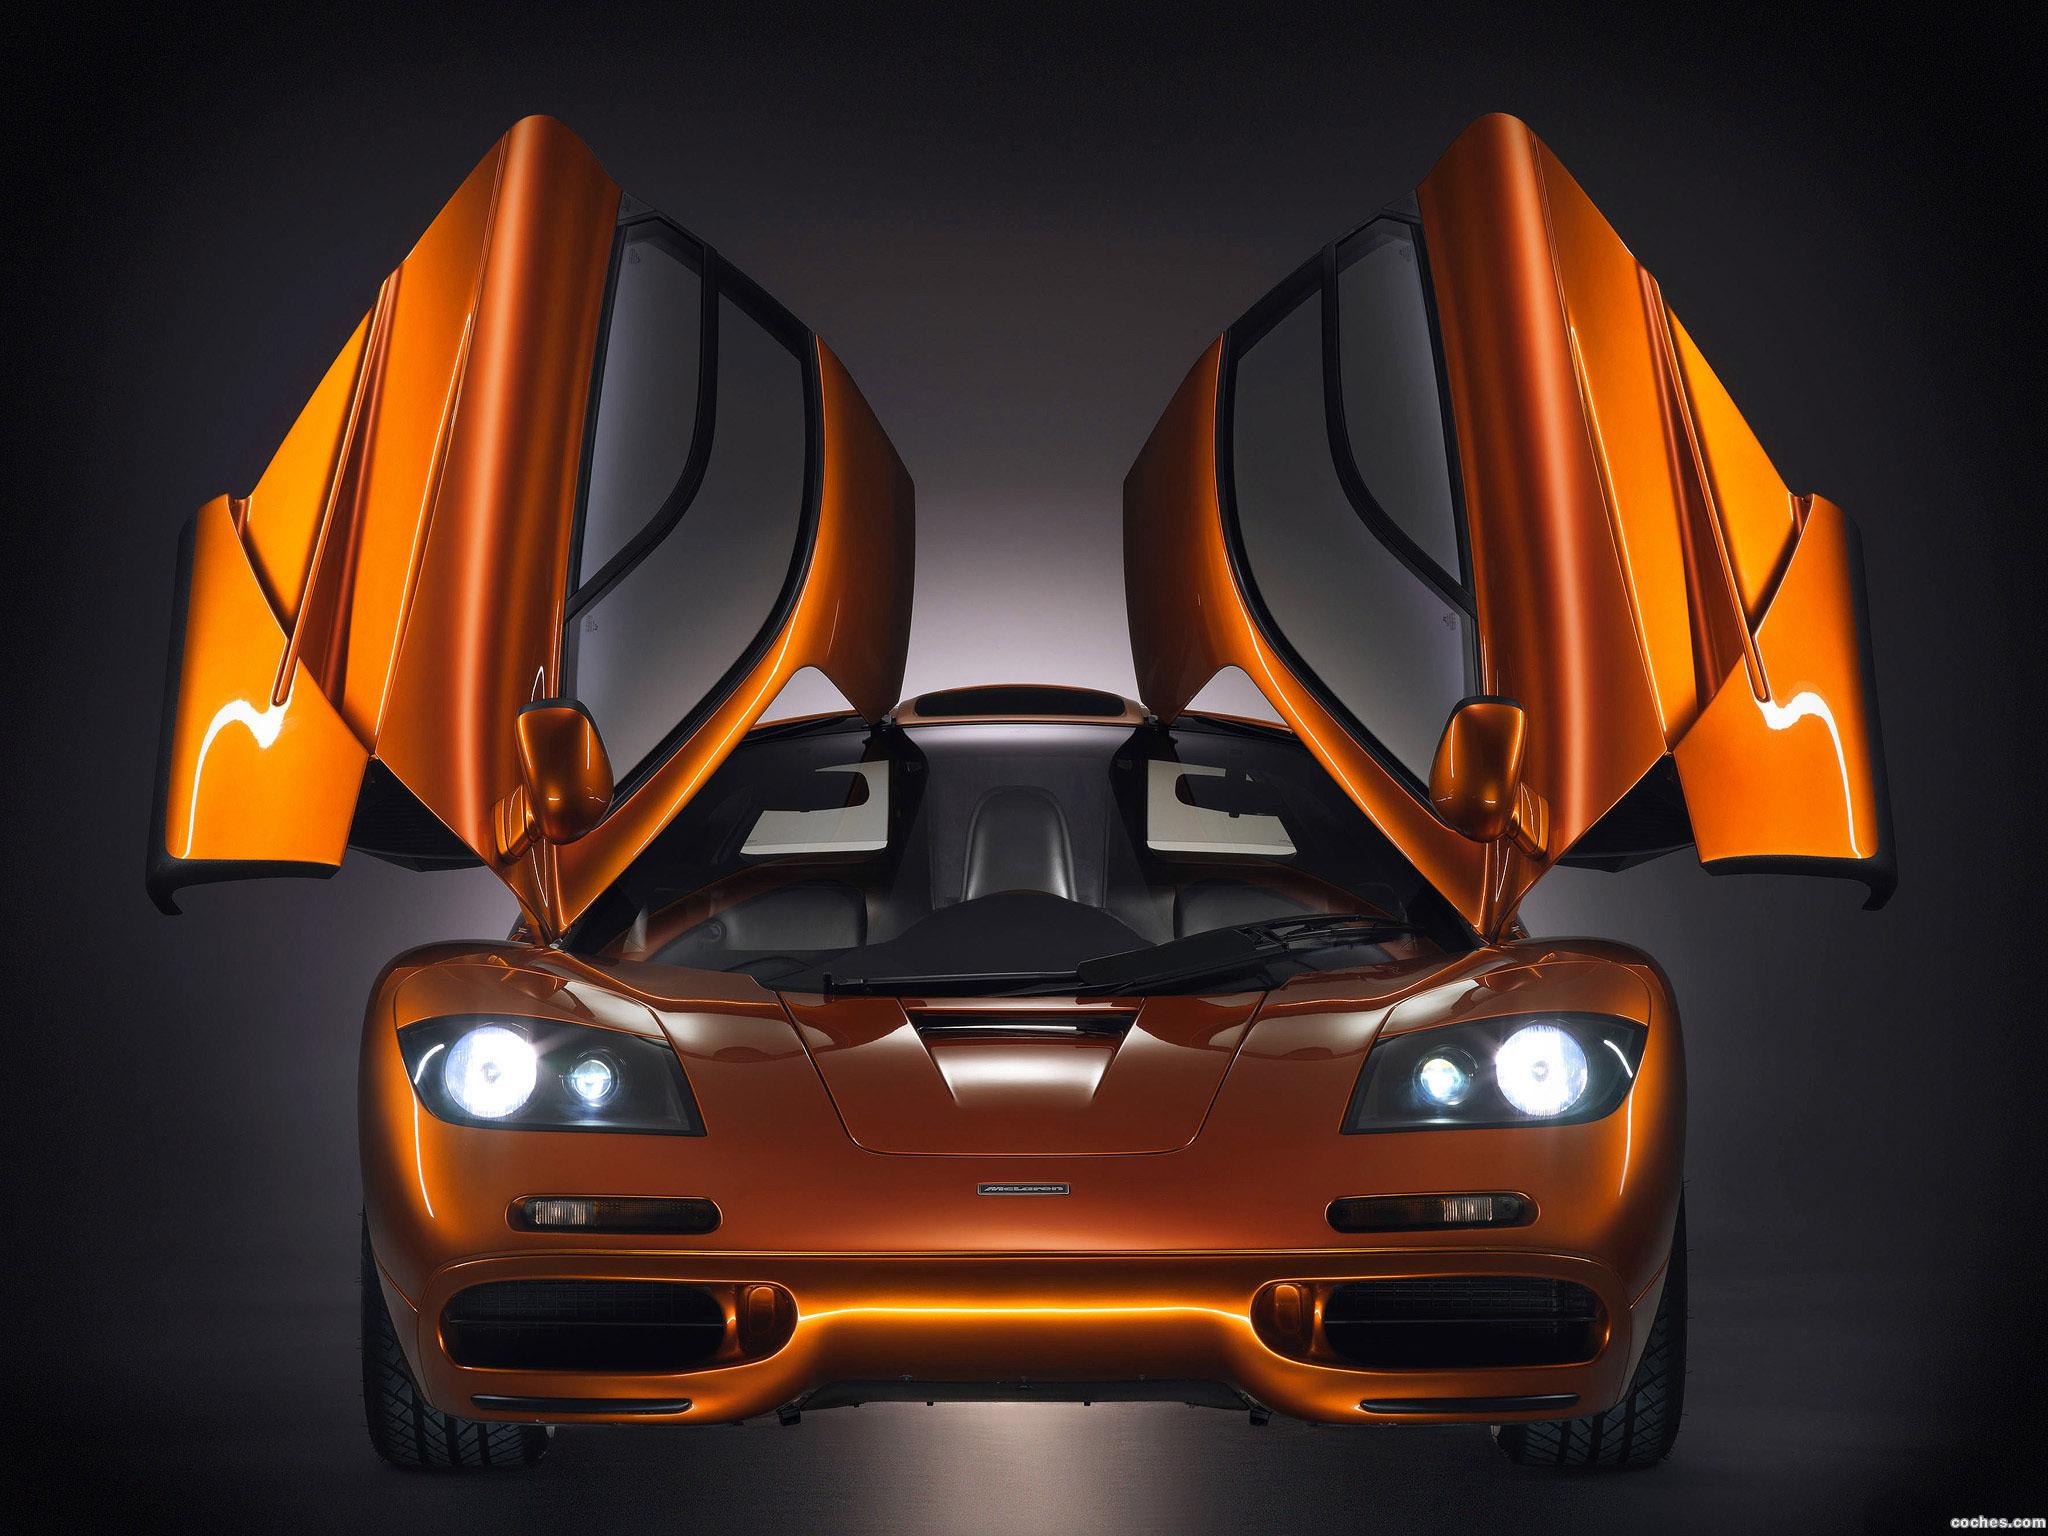 Foto 6 de McLaren F1 1993